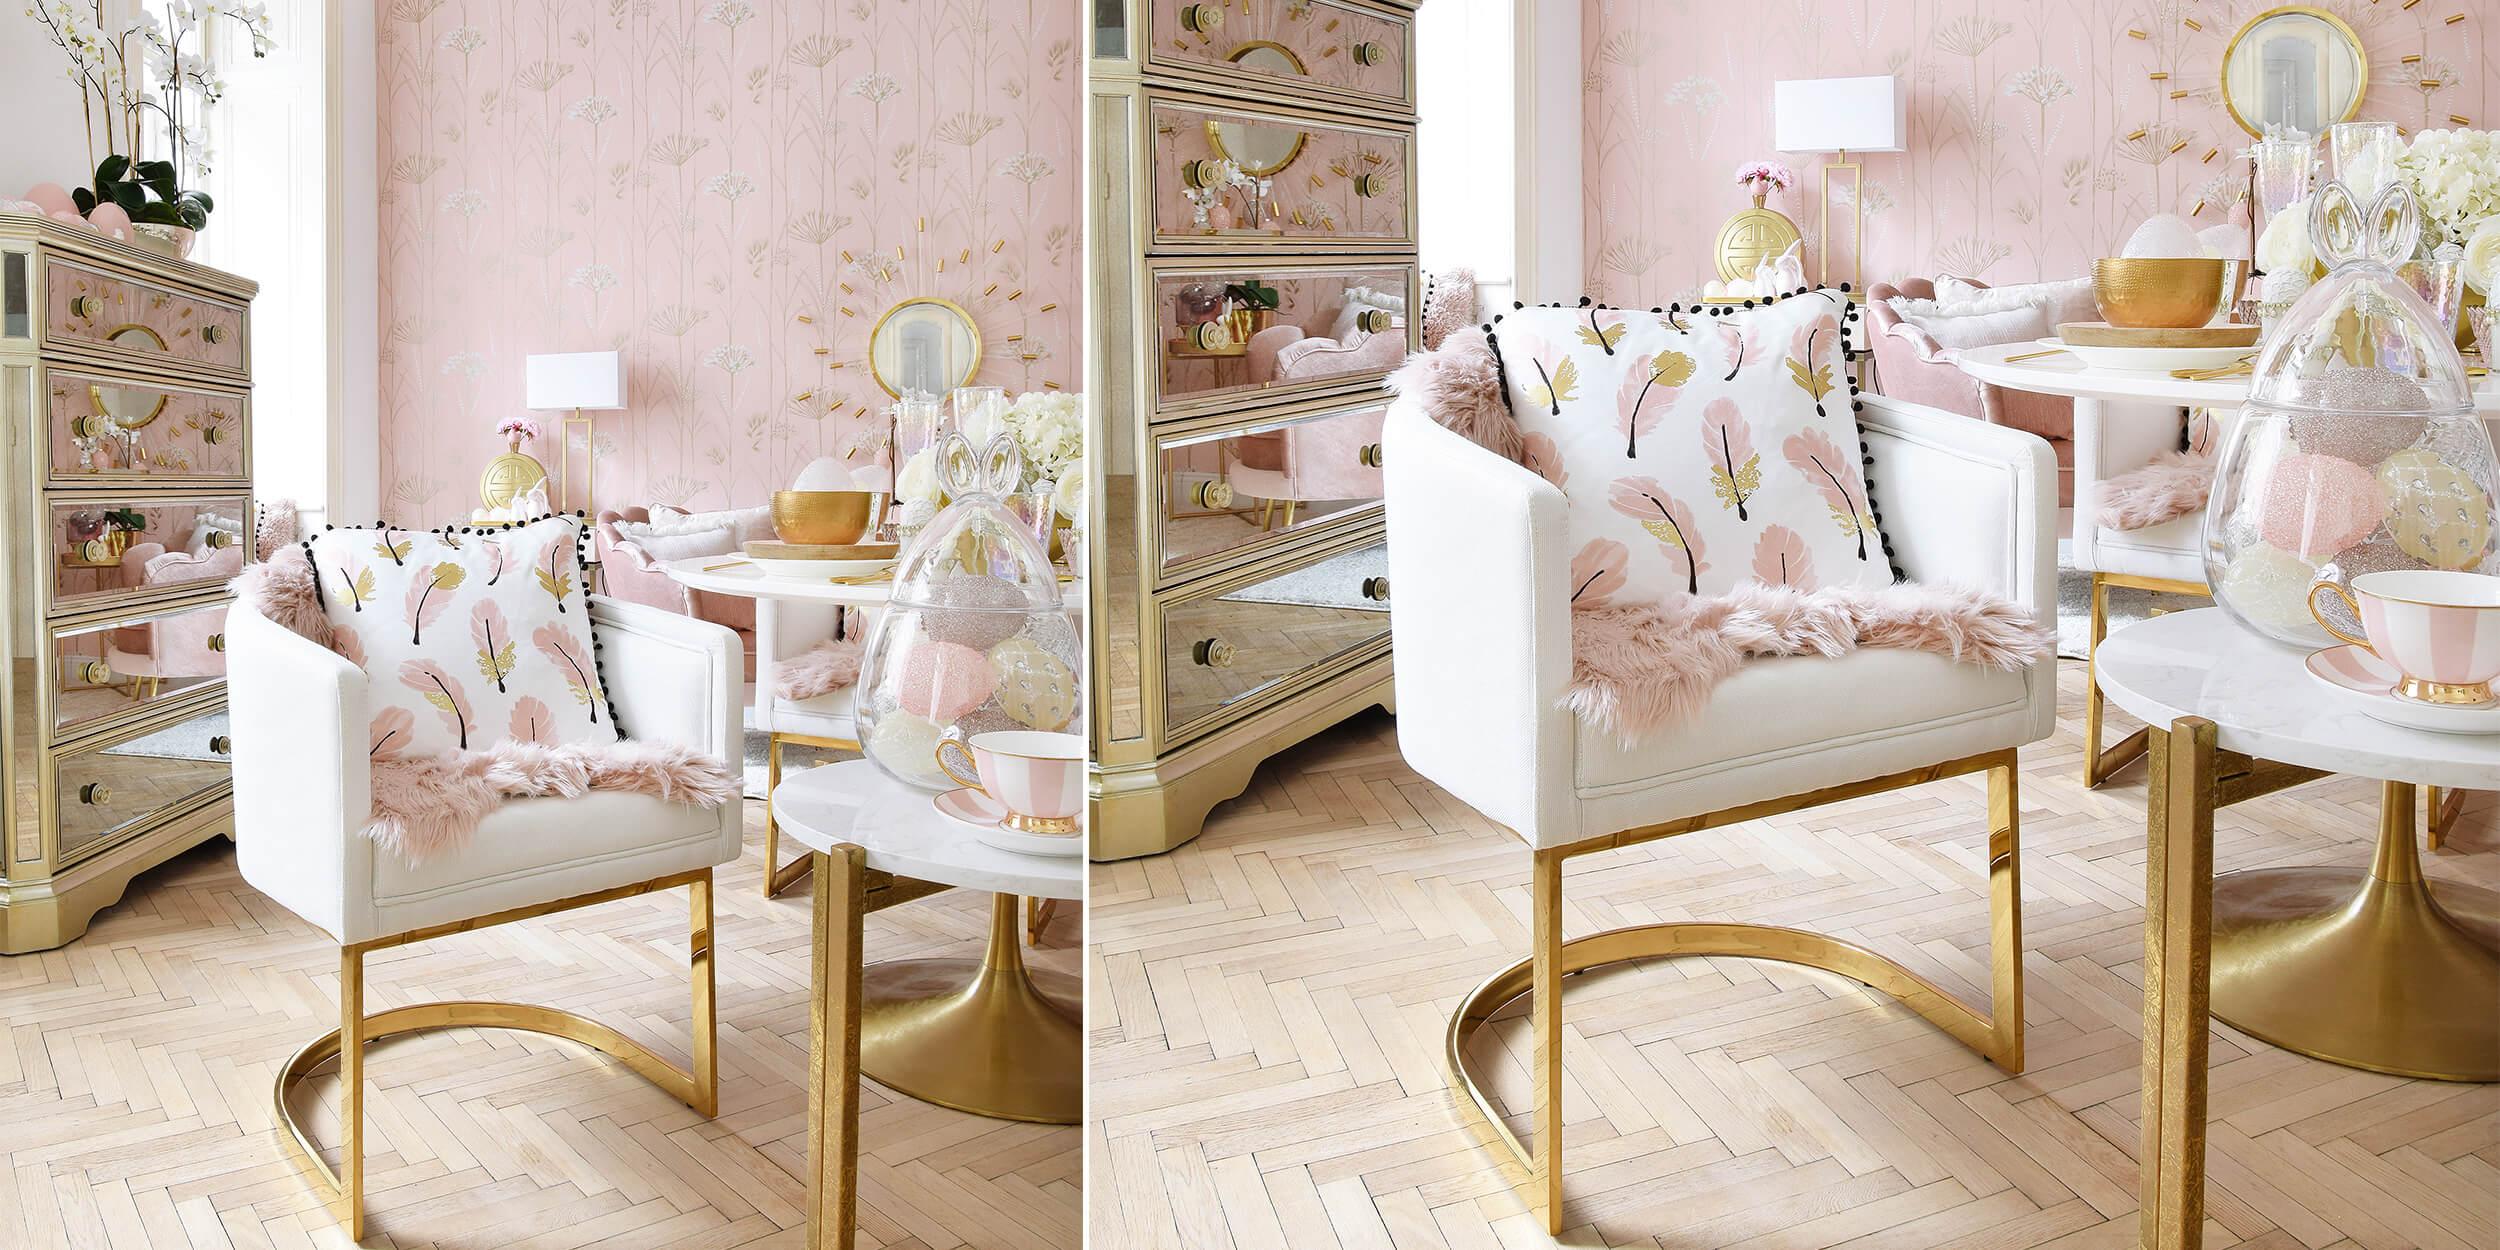 Stylish & Gemütlich - Armlehnsessel in Weiß & Gold